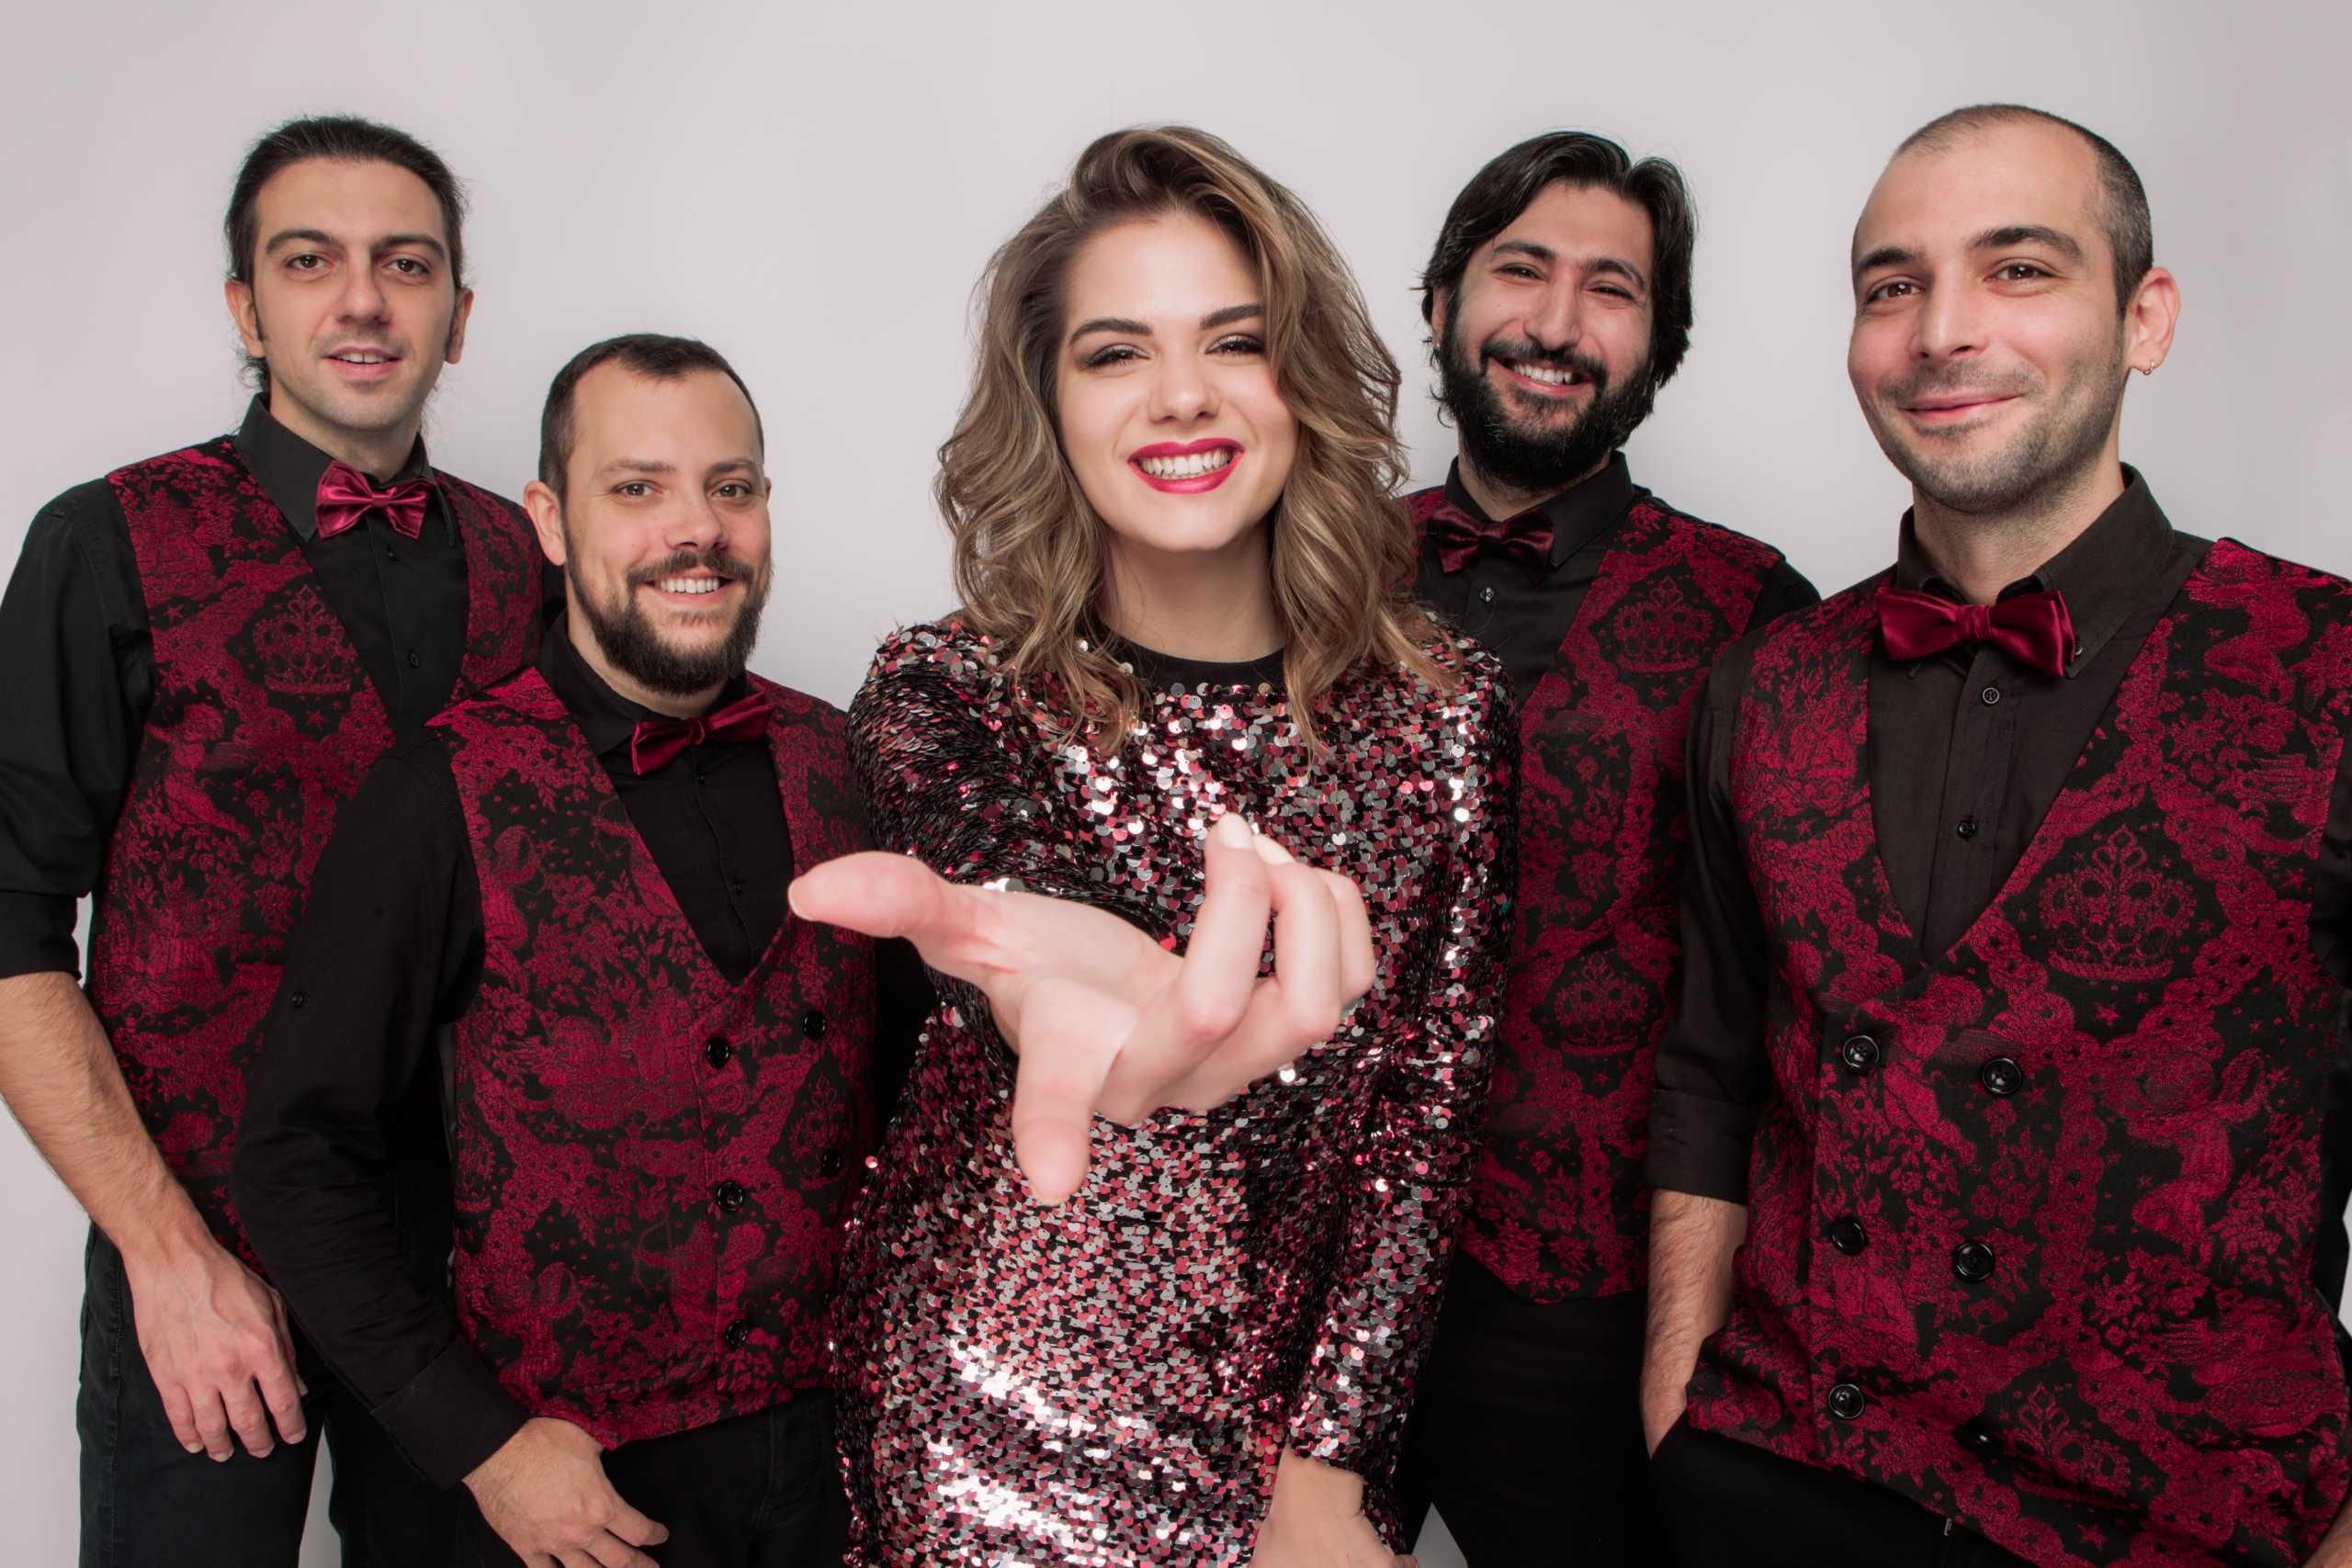 Θεσσαλονίκη: Διαδικτυακή εορταστική συναυλία των Souled Out από το μέγαρο μουσικής της πόλης